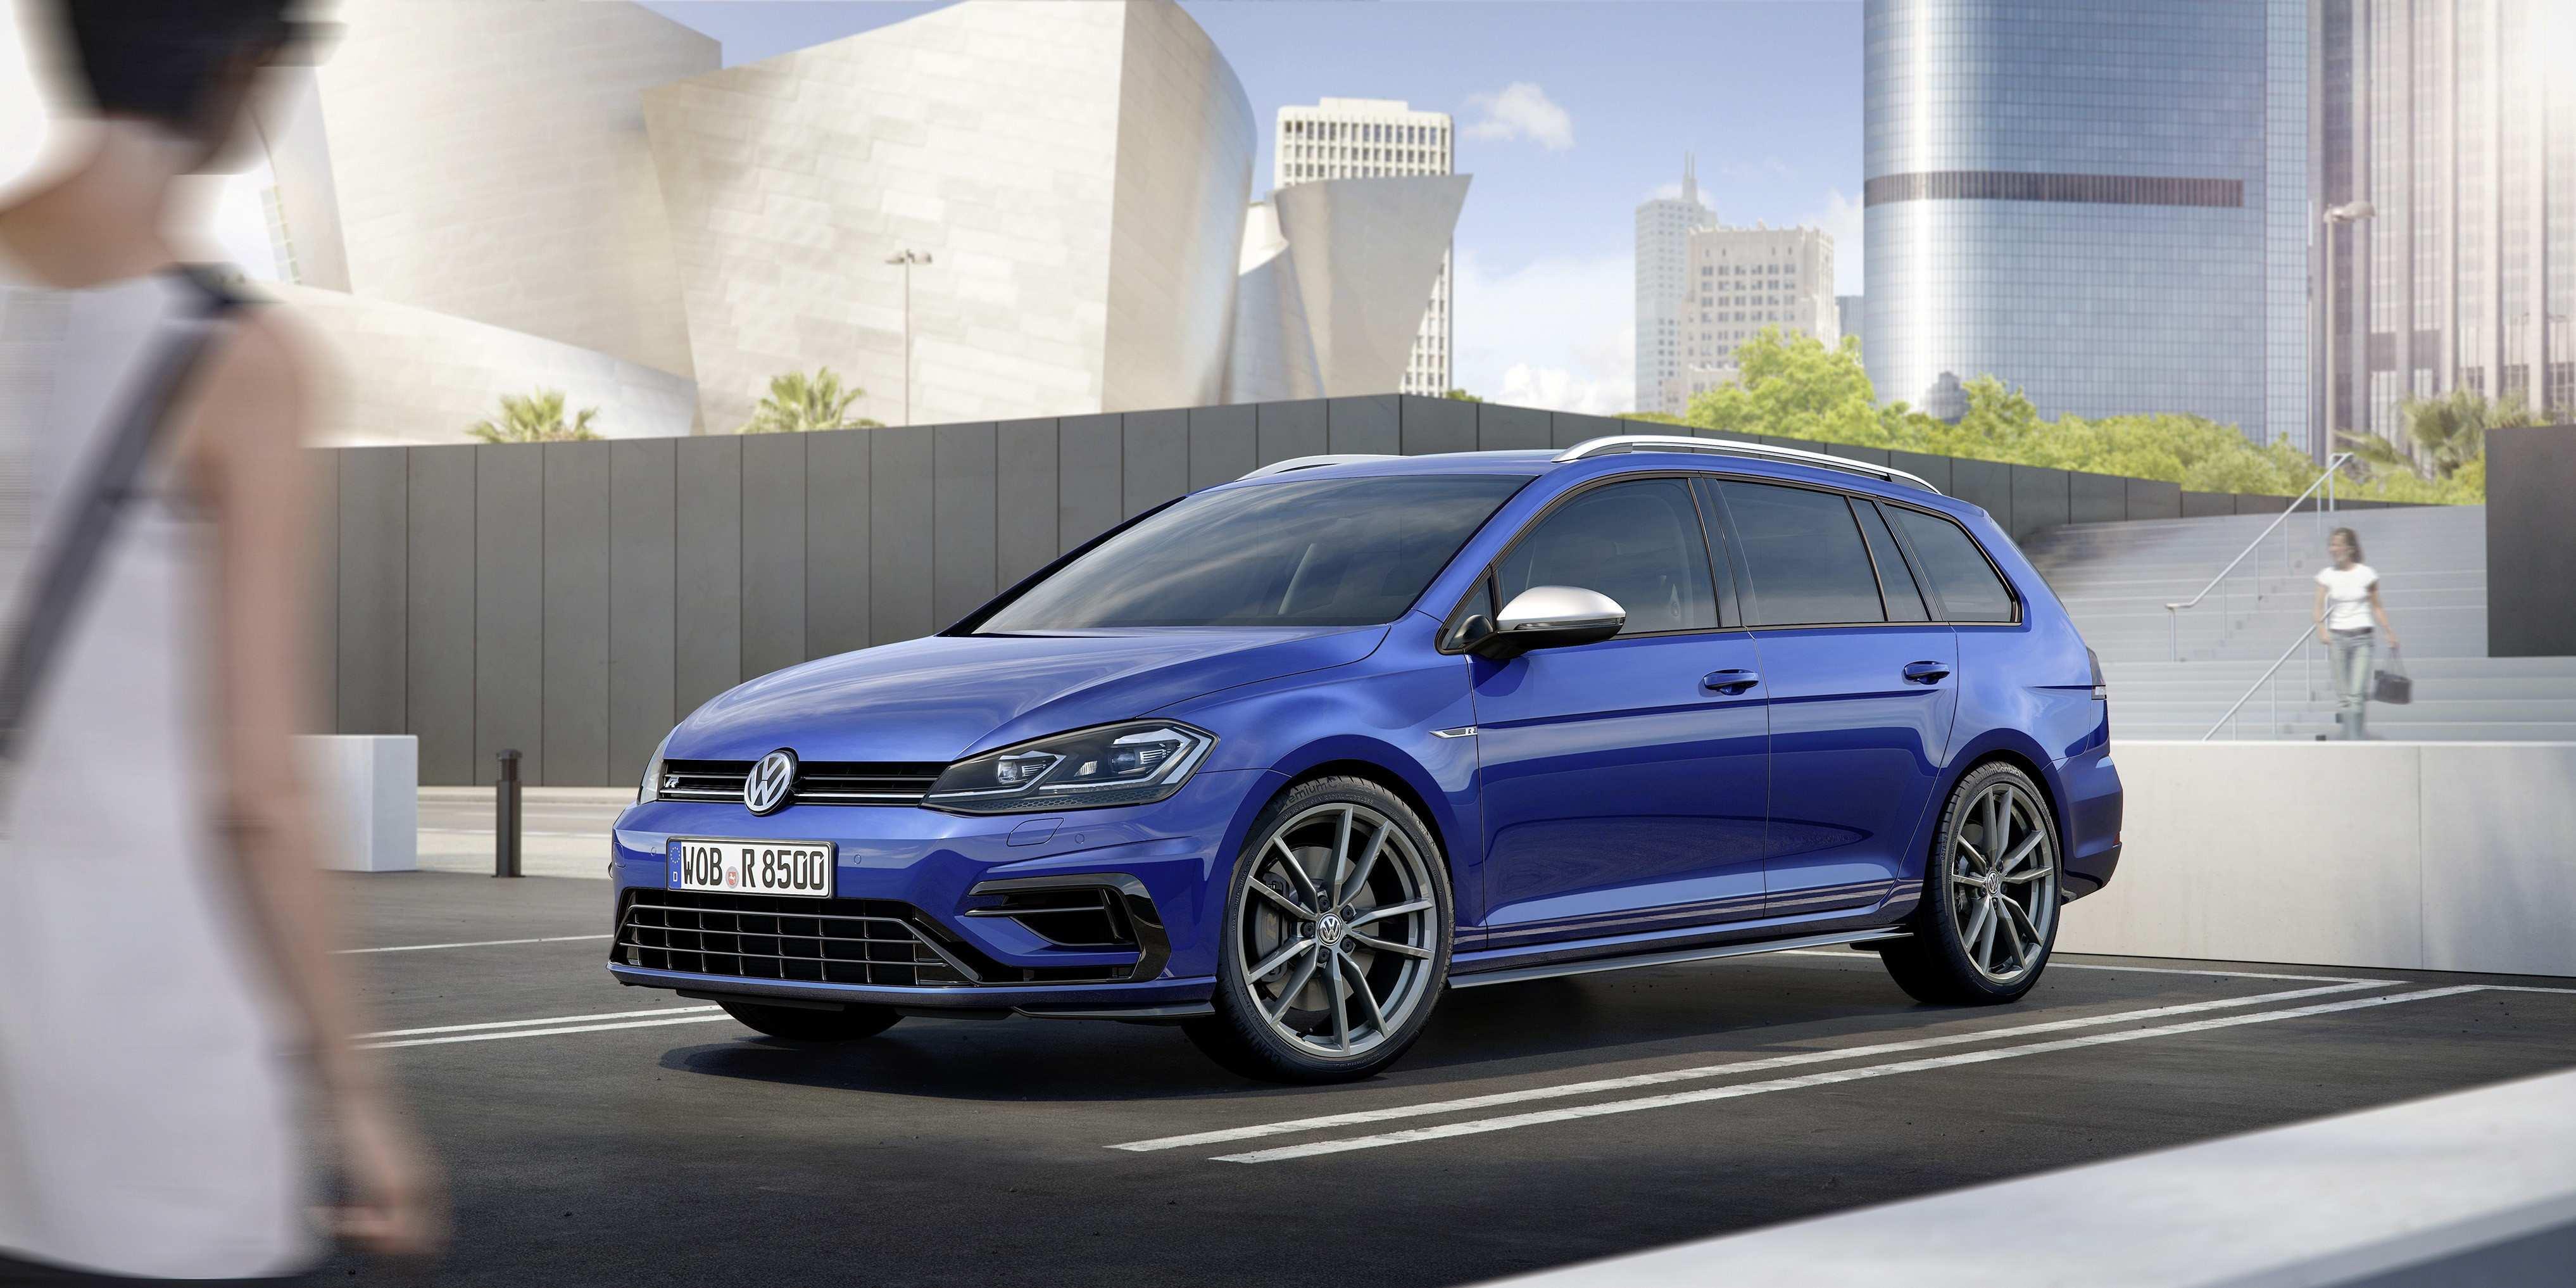 32 Great 2019 Volkswagen R New Review for 2019 Volkswagen R